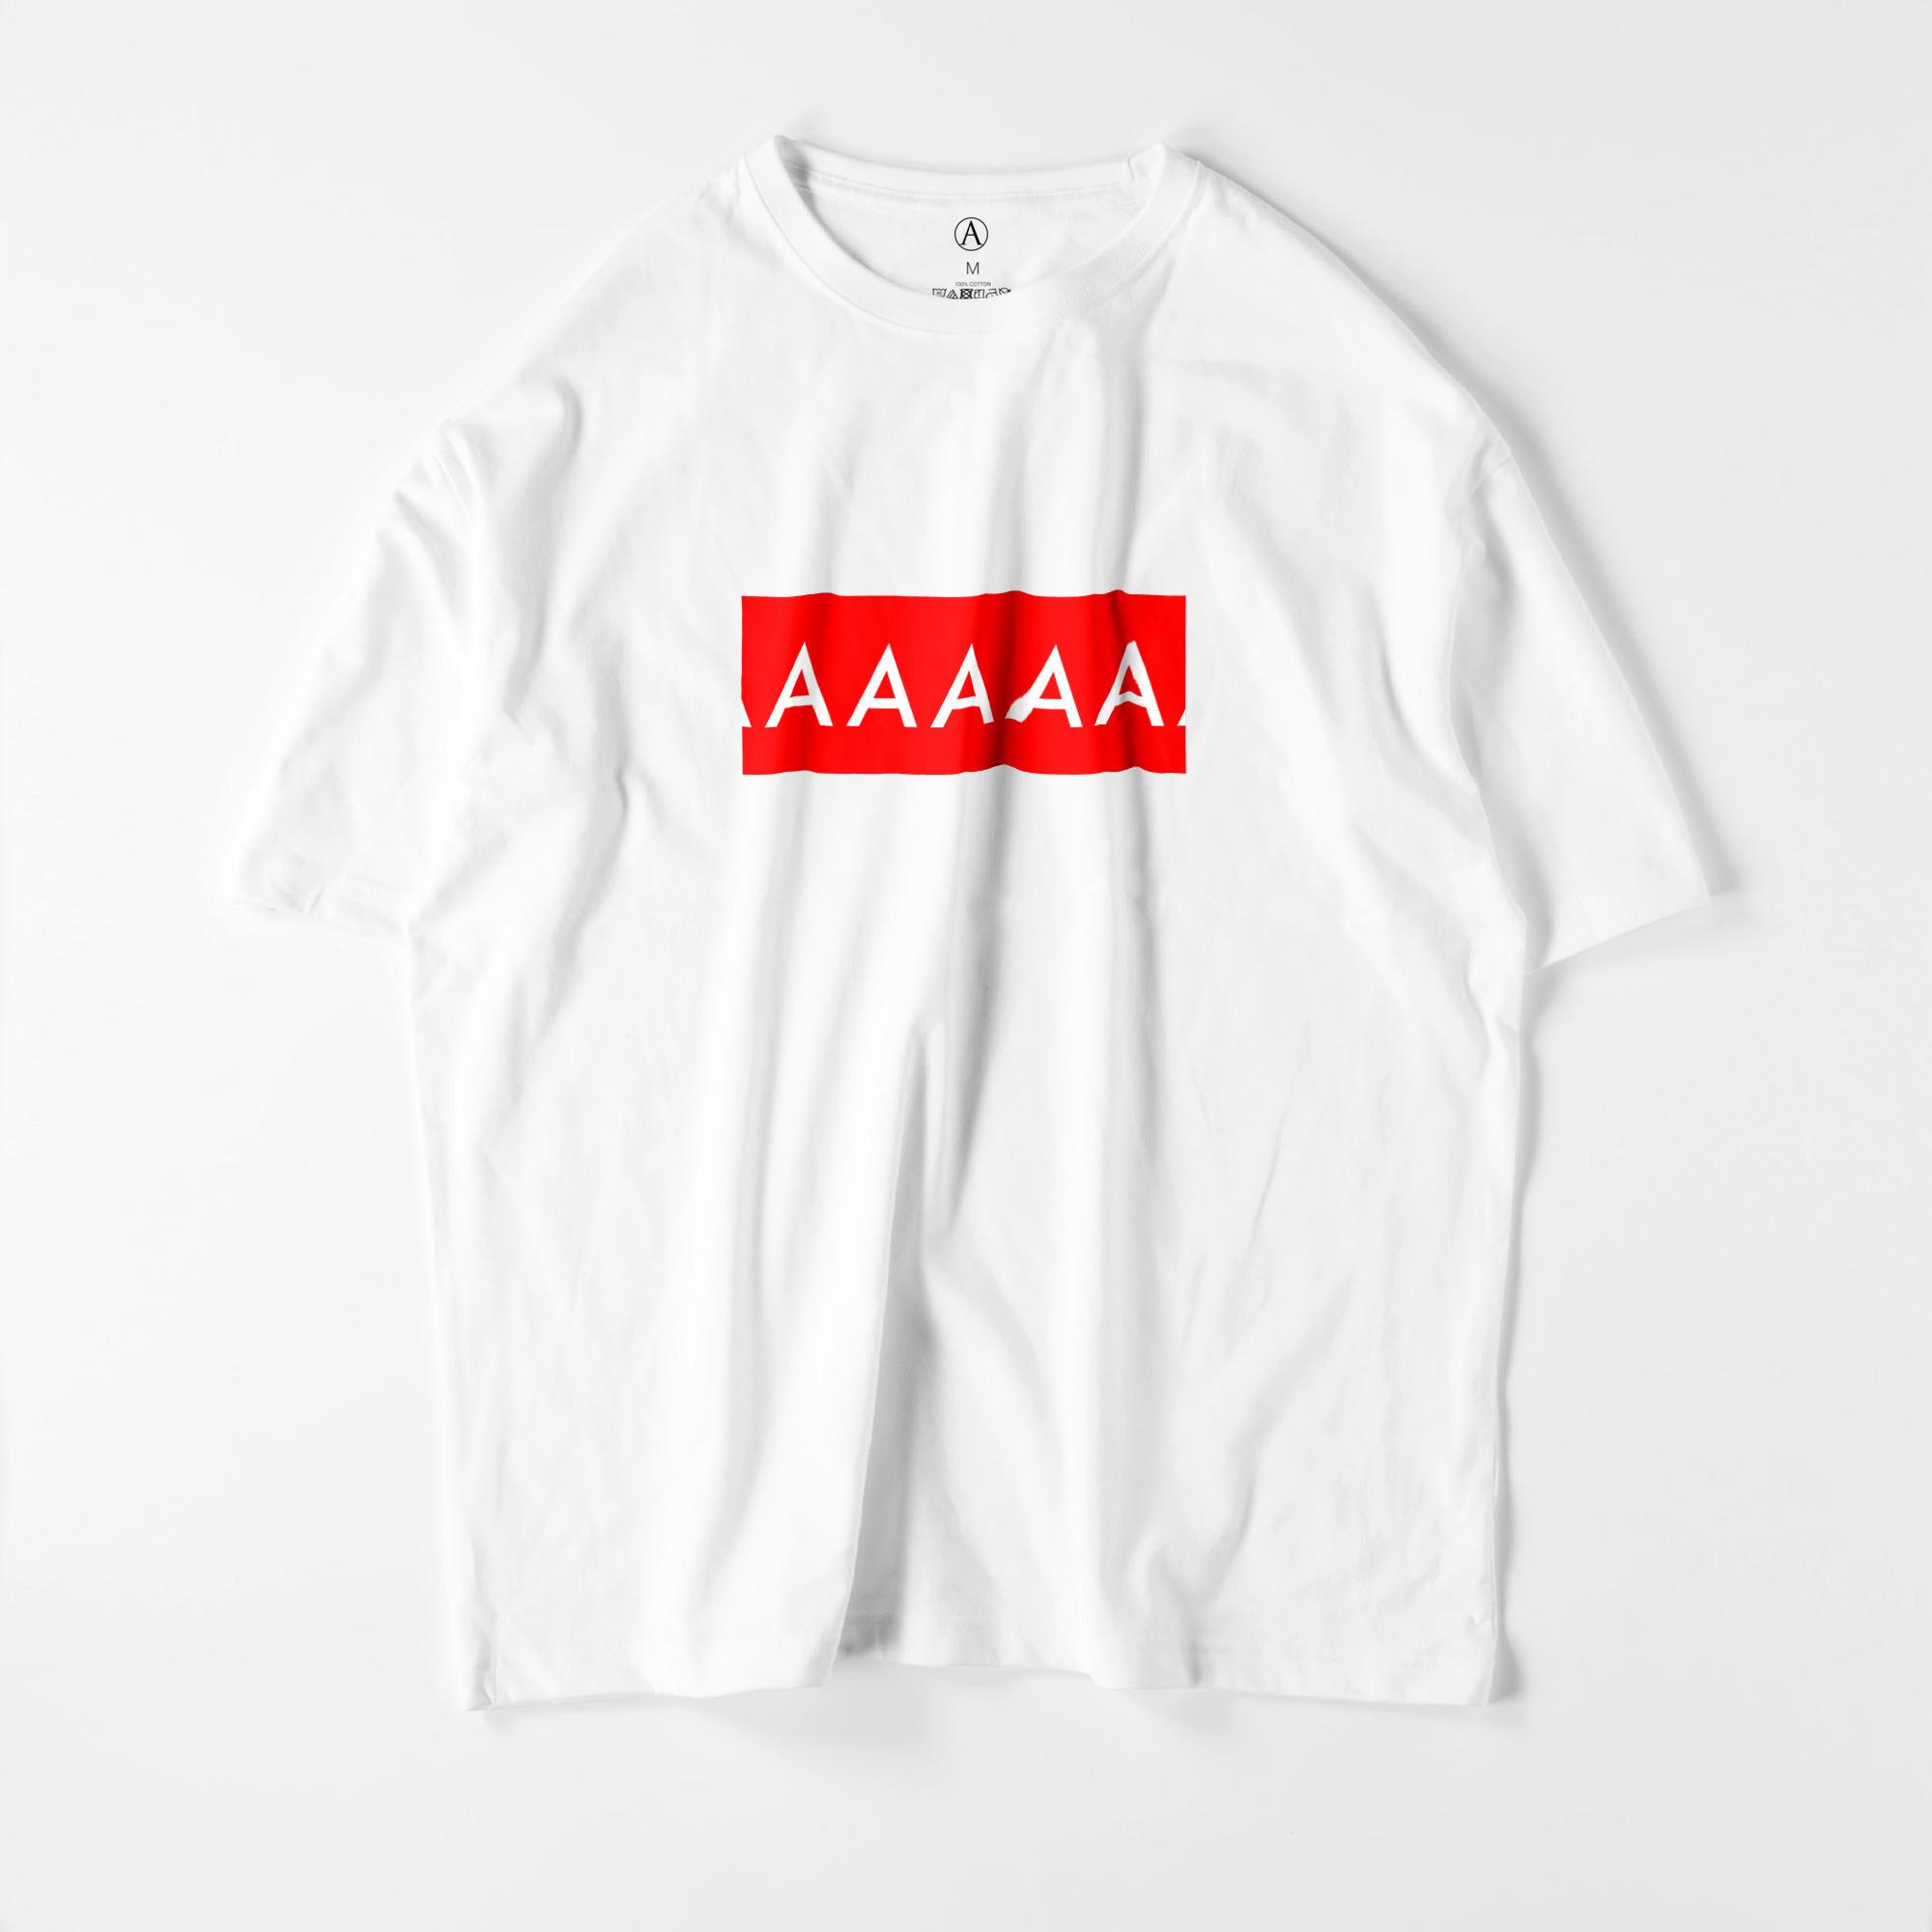 AAAAA ビッグシルエットTシャツ ホワイト / Mens